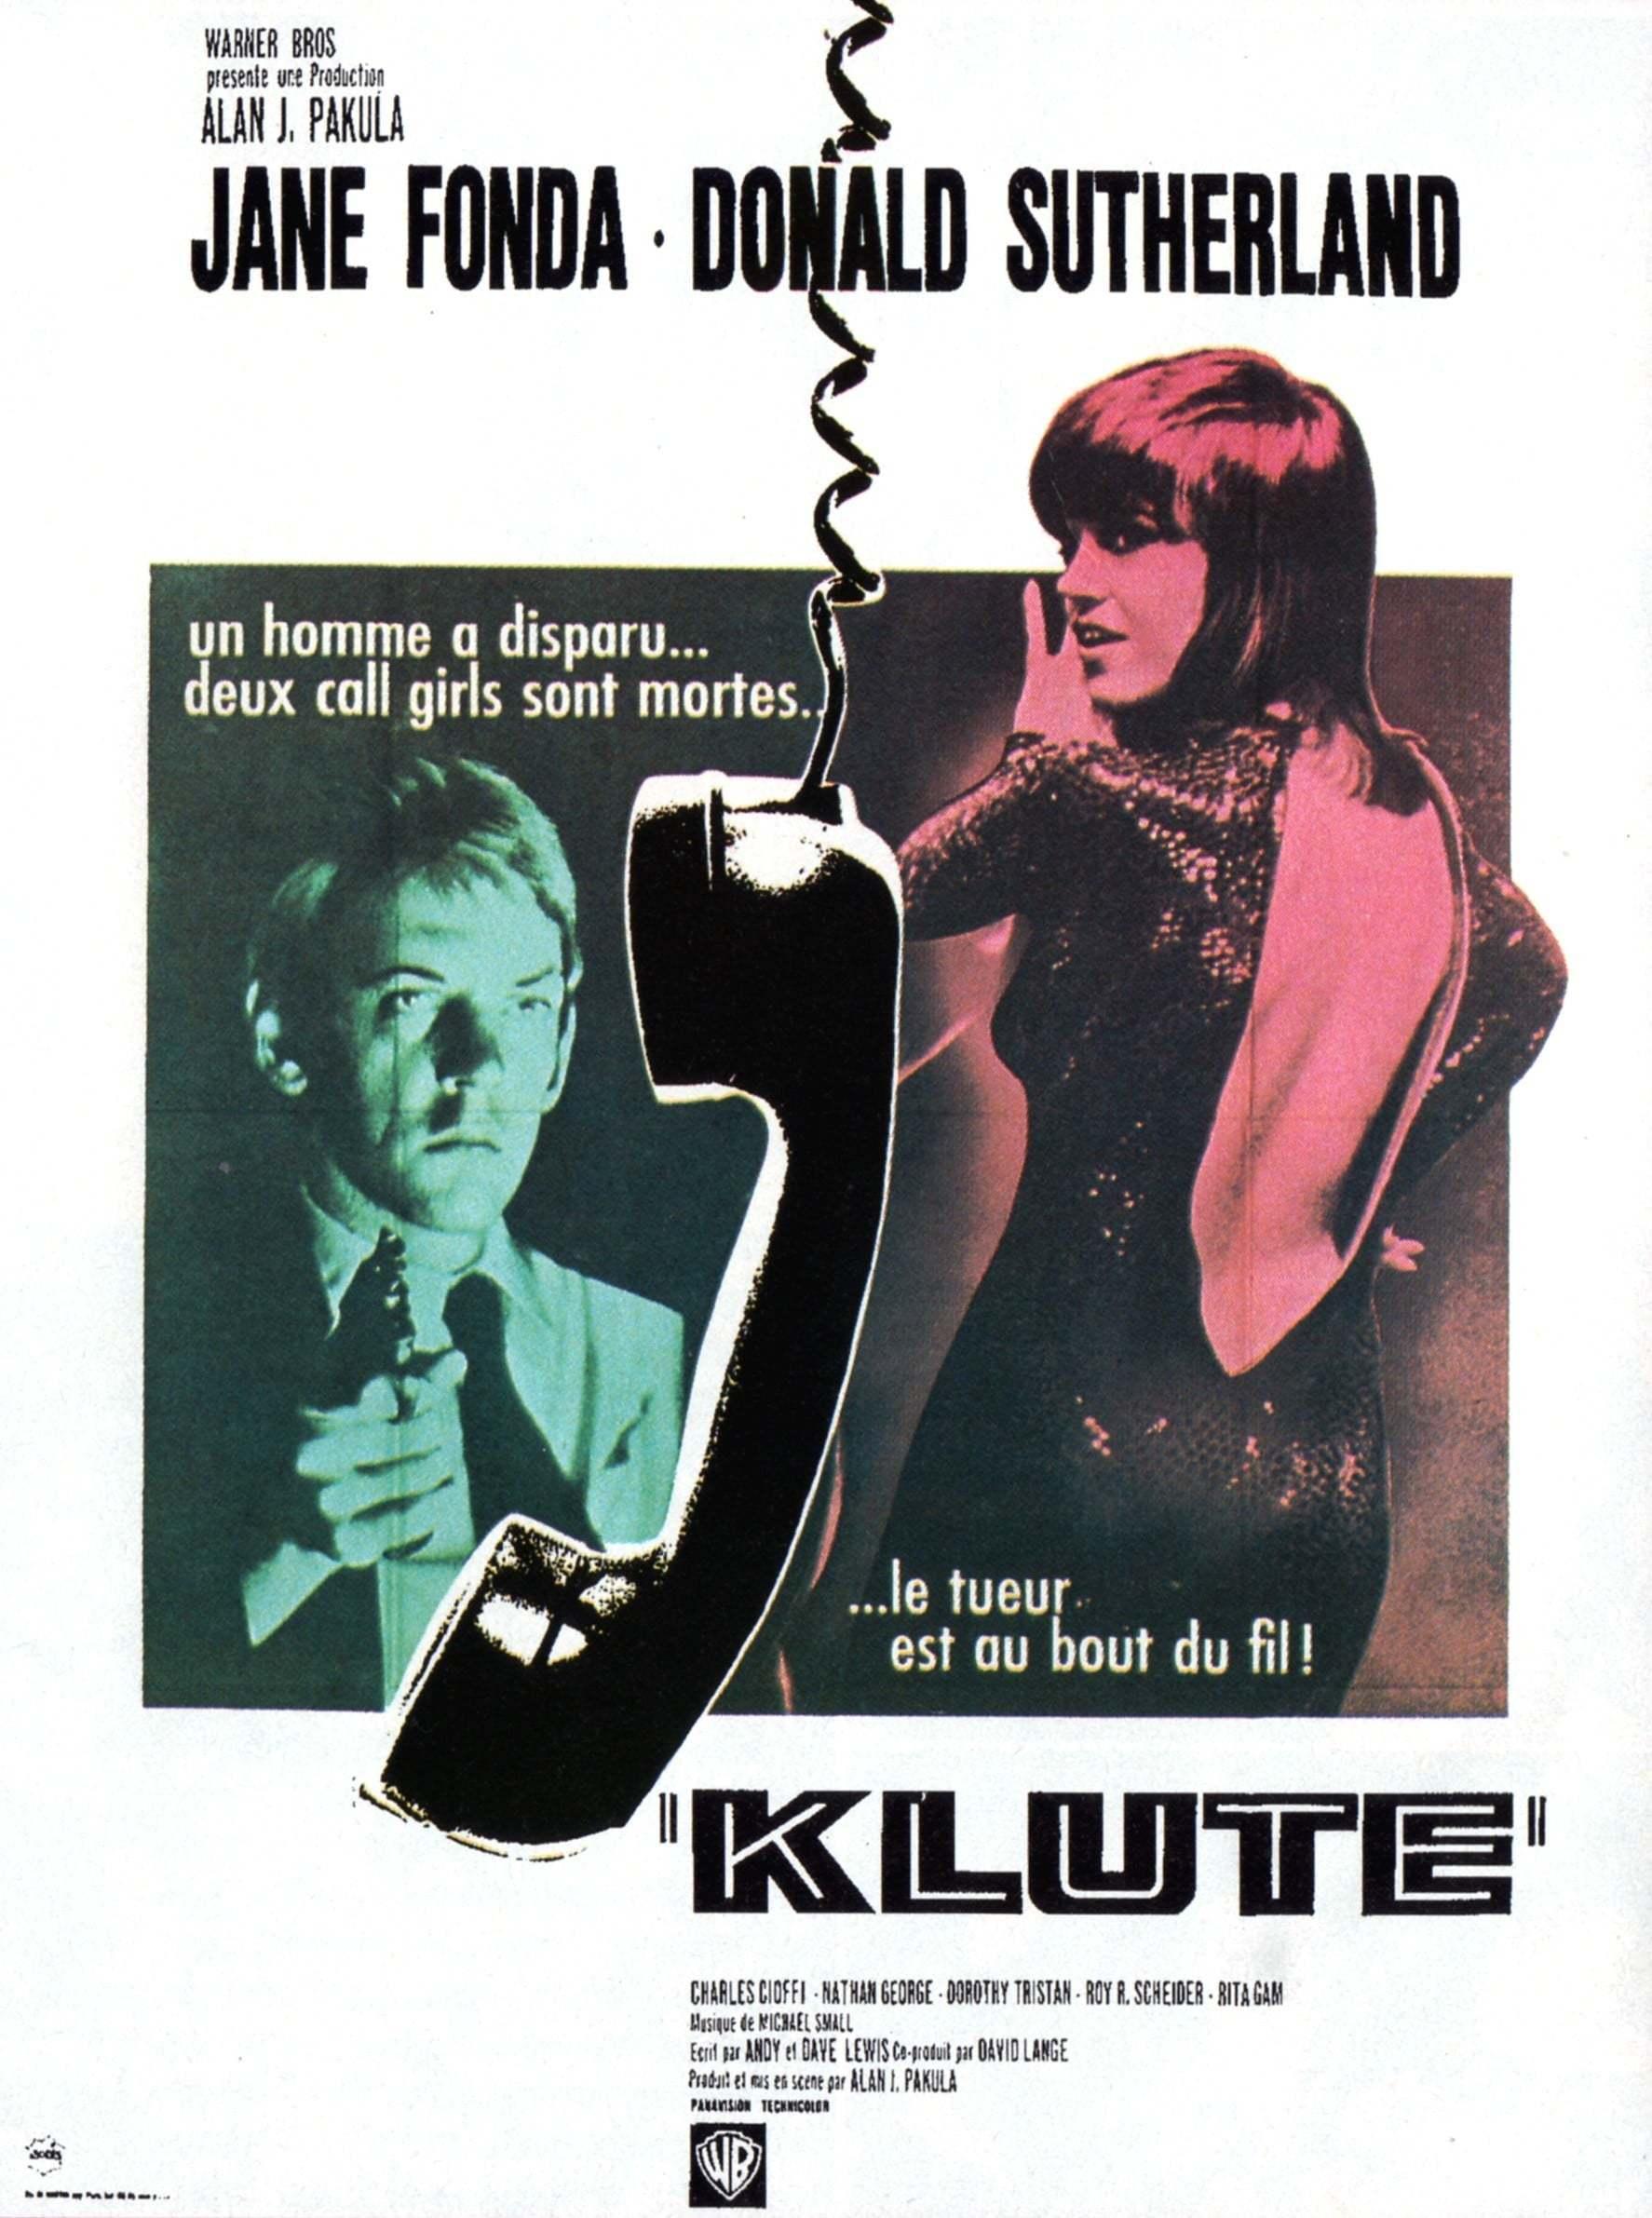 Una squillo per l'ispettore Klute